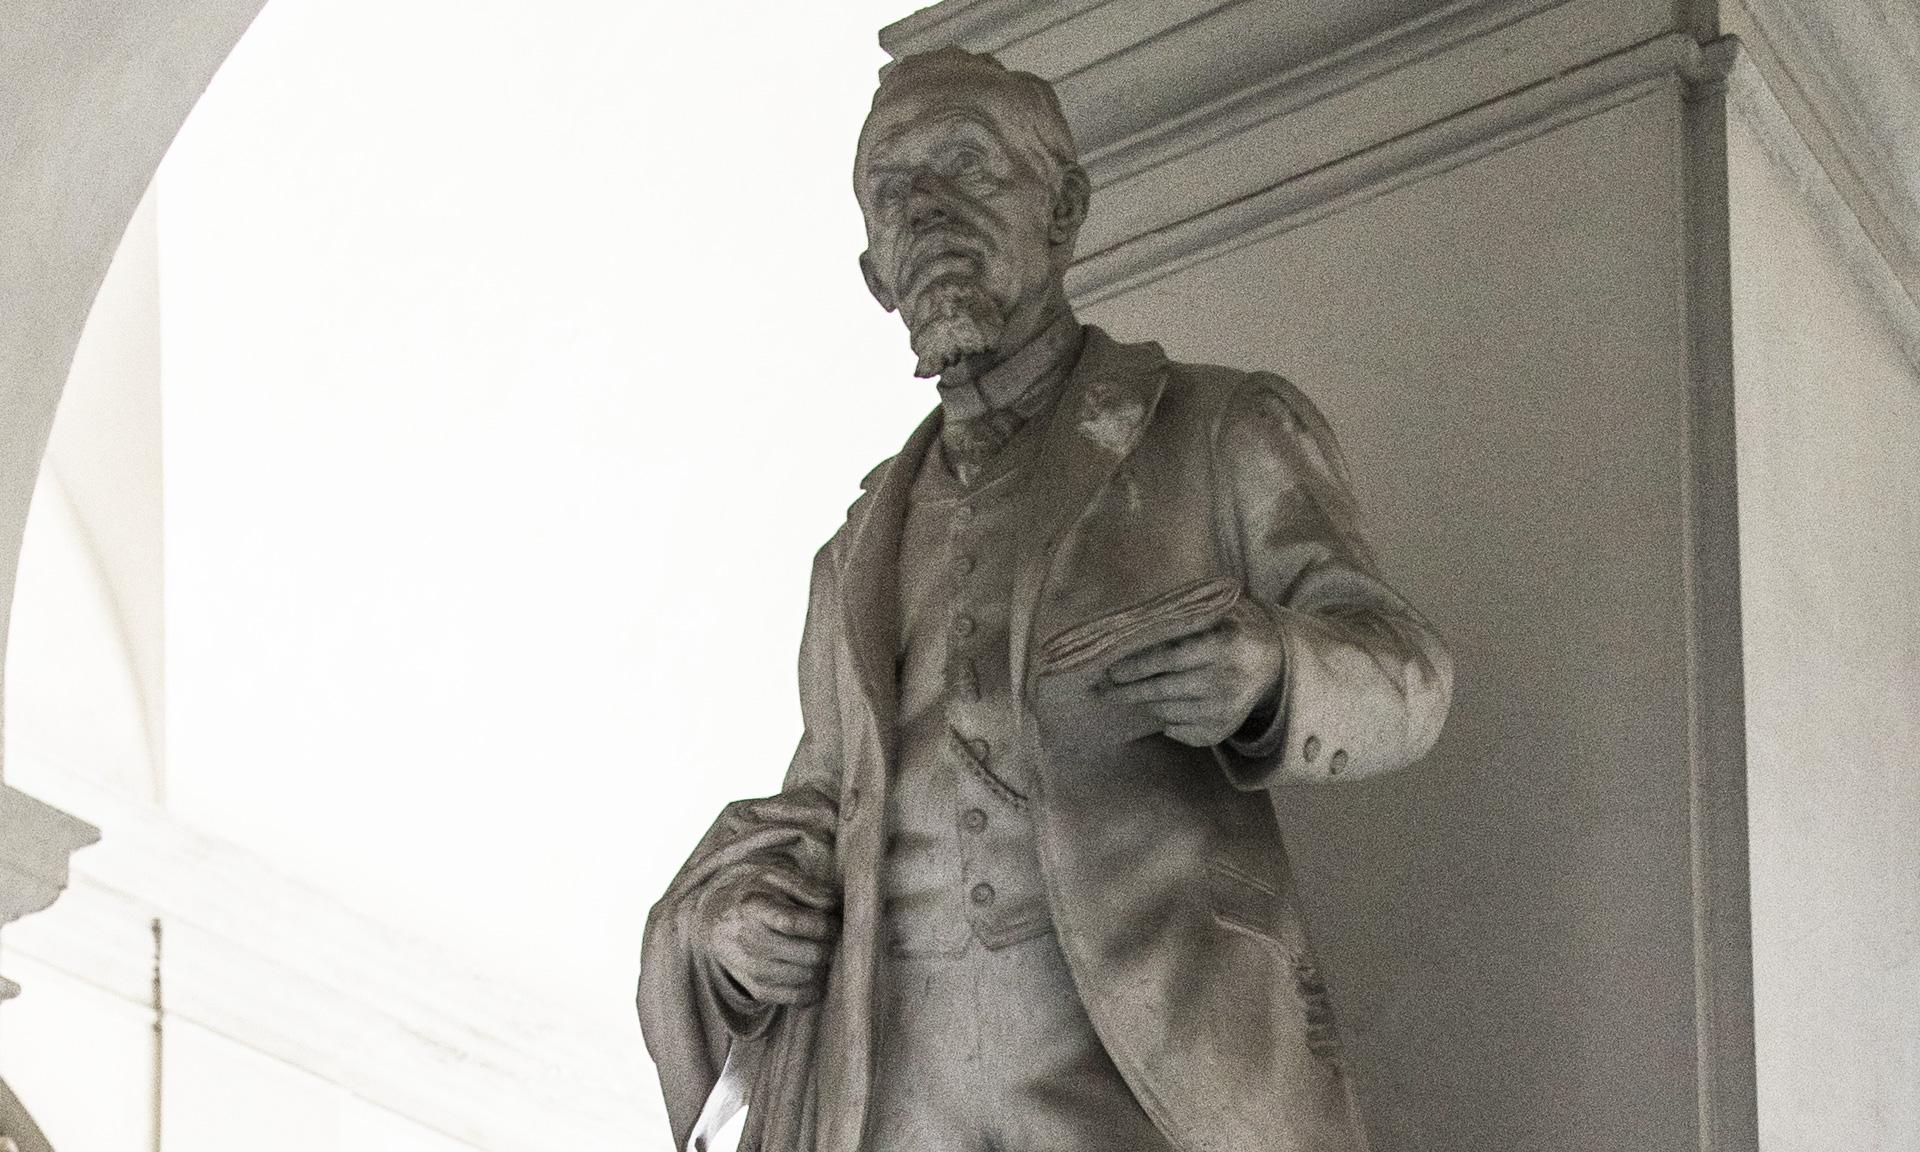 statue_pietro-leonardo-bianchi - Albergo dei Poveri Genova